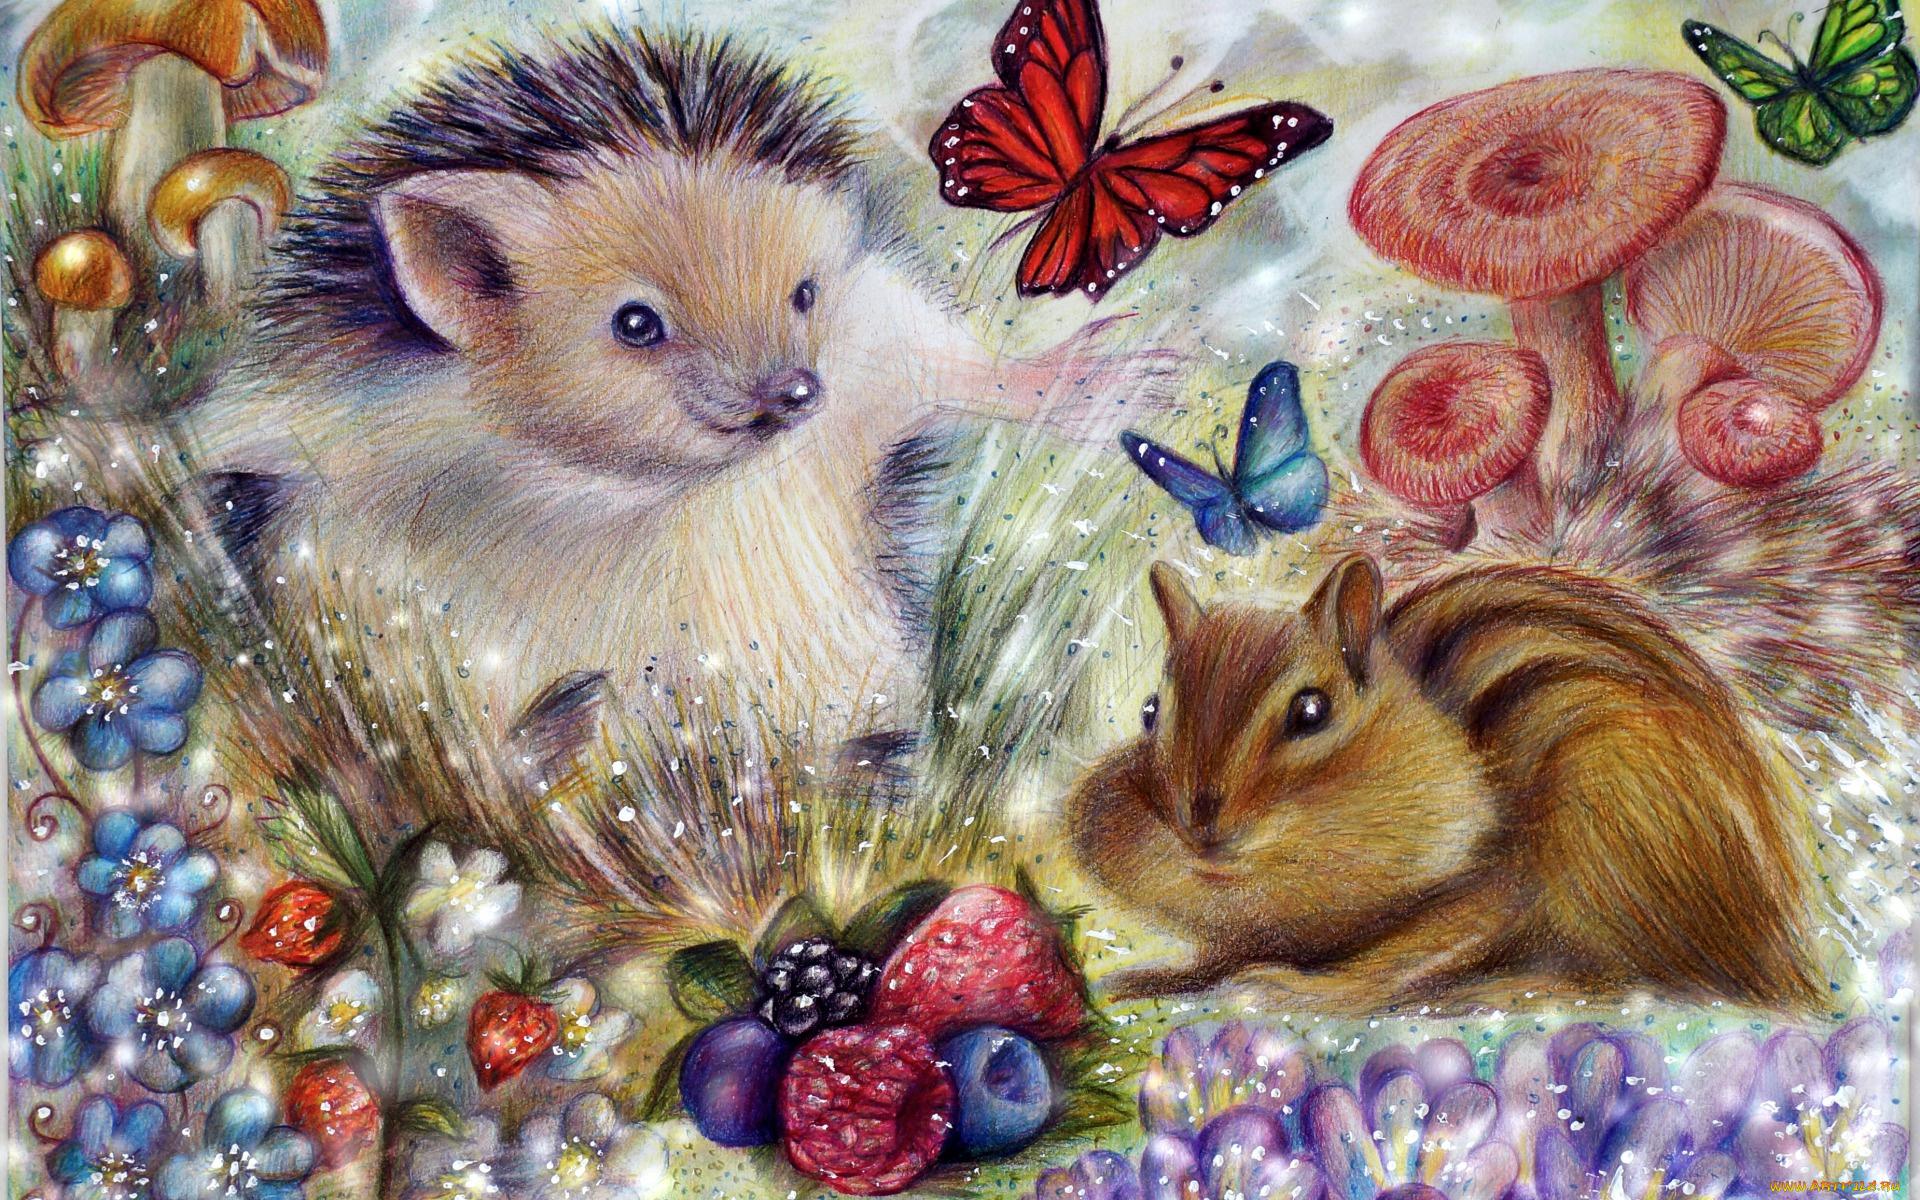 Музыкальные открытки с природой и животными красивые, победы 2019 картинки